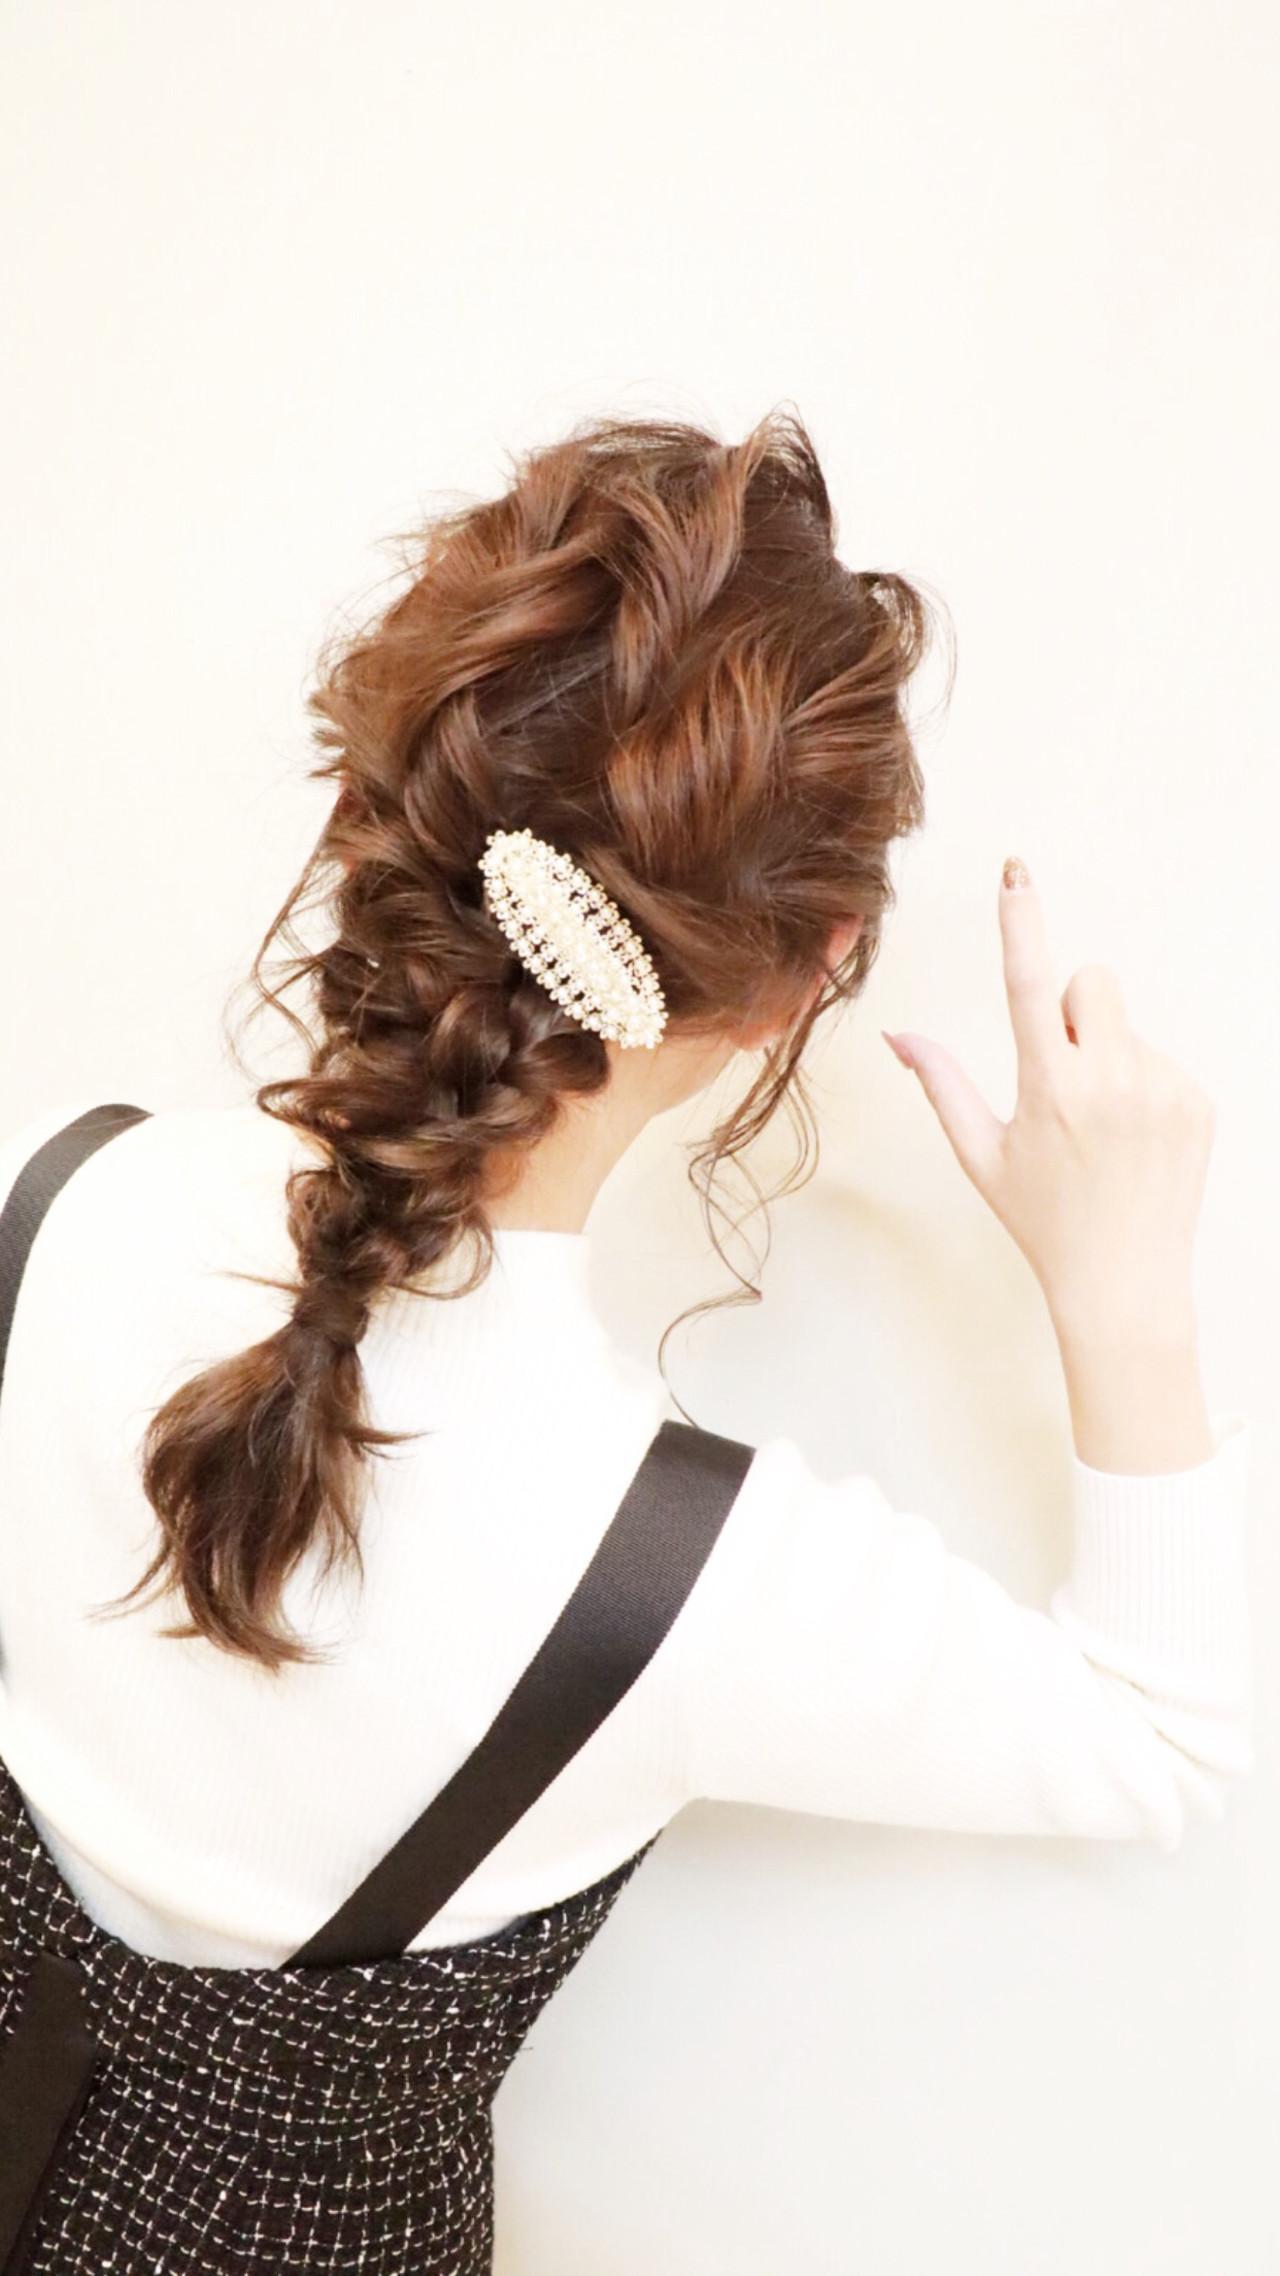 ヘアアレンジ ナチュラル ミディアム セルフヘアアレンジヘアスタイルや髪型の写真・画像